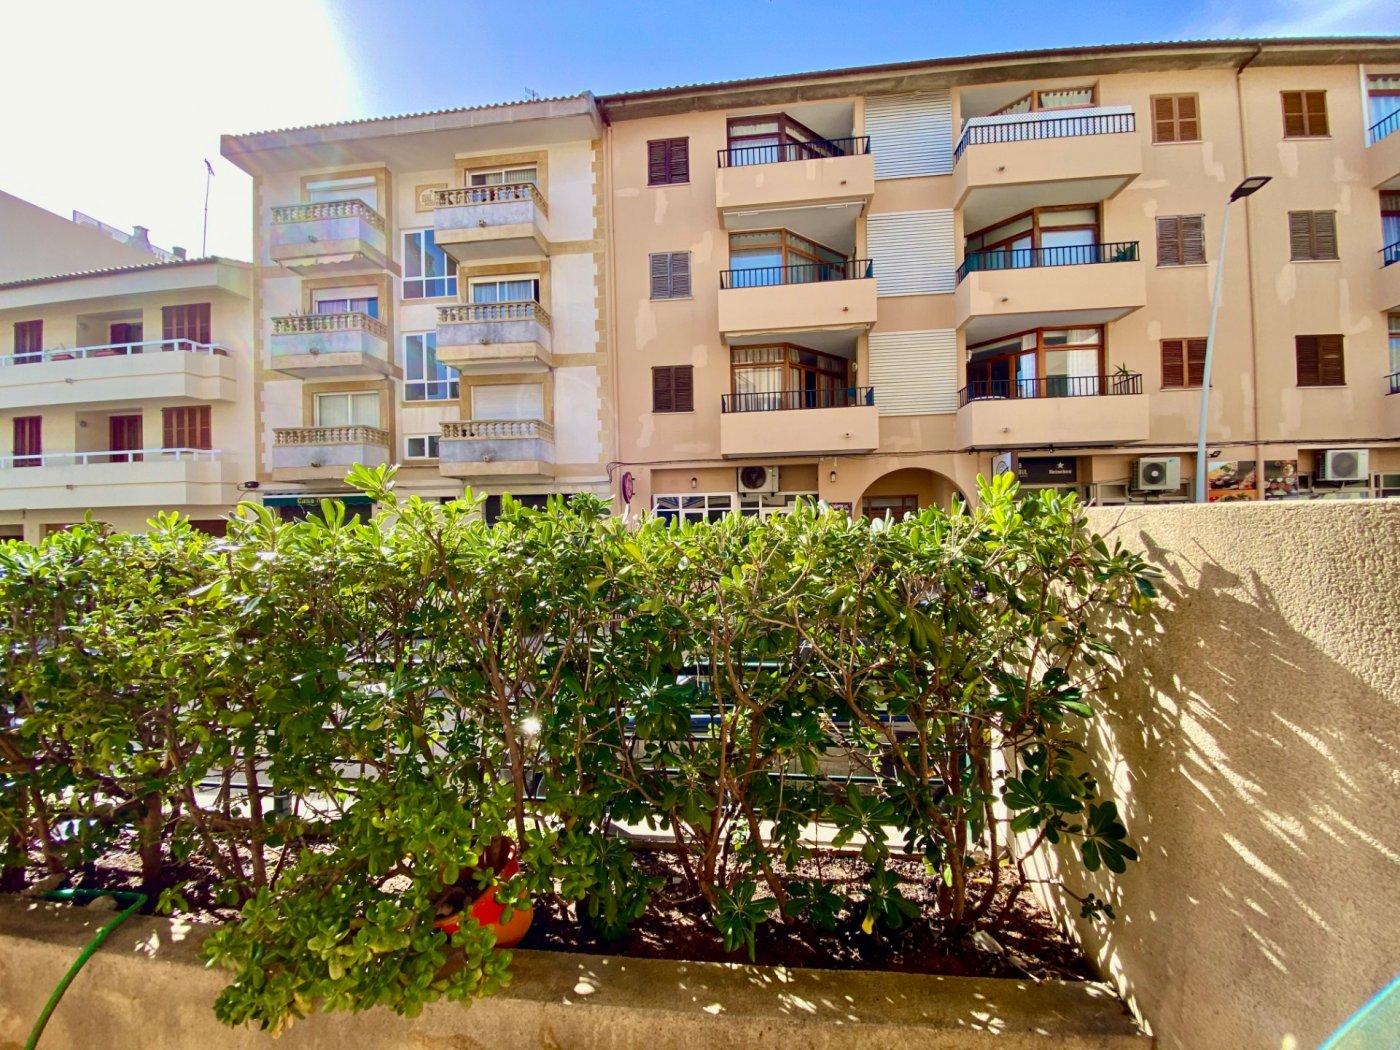 Céntrica planta baja con dos terrazas y plaza de parking - imagenInmueble8